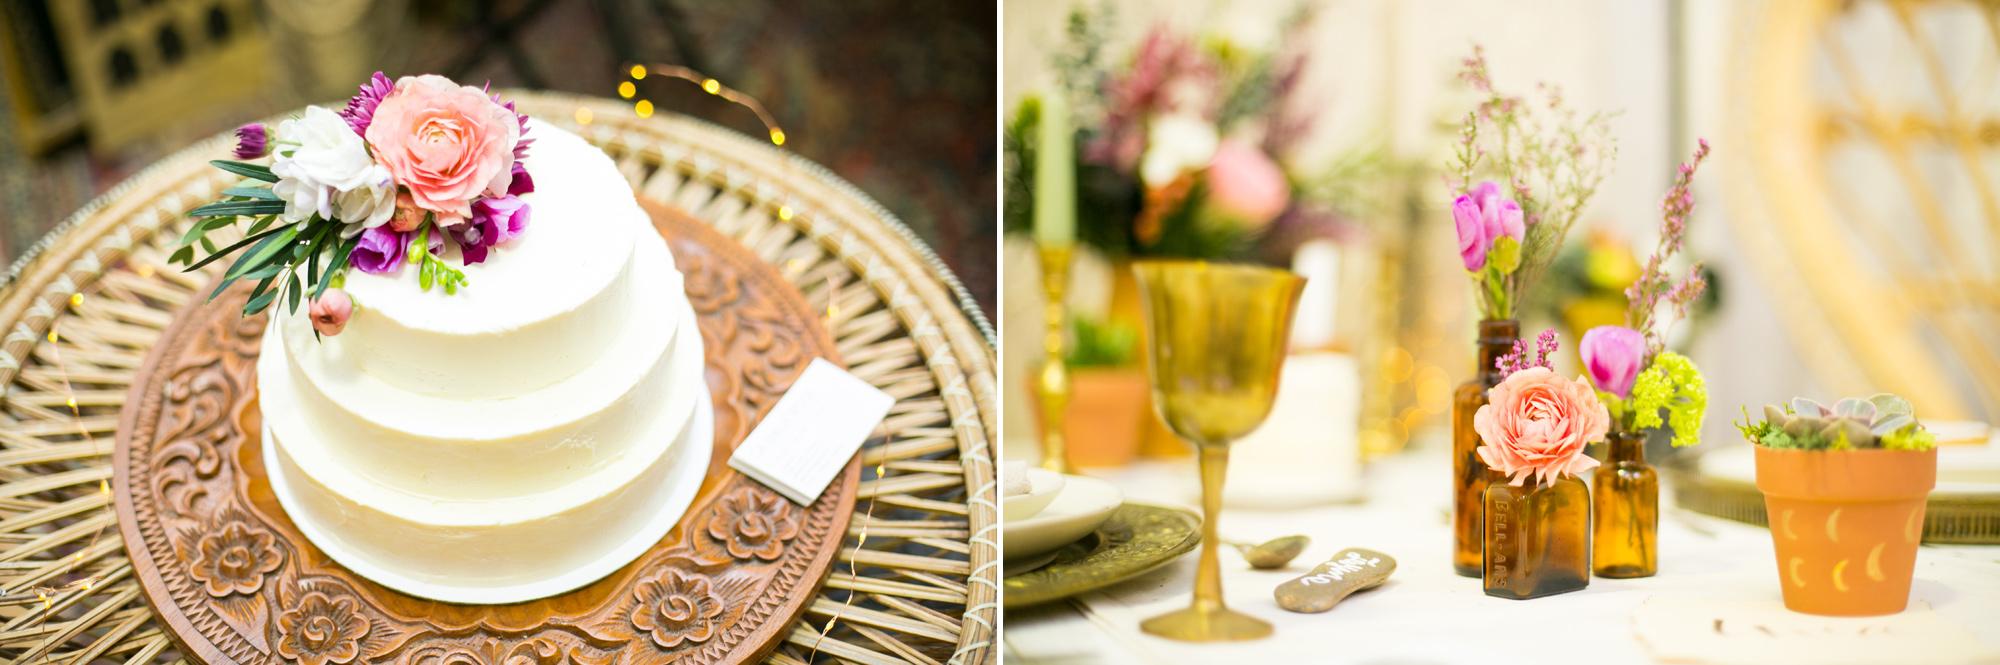 865-halifax-indie-wedding-social.jpg